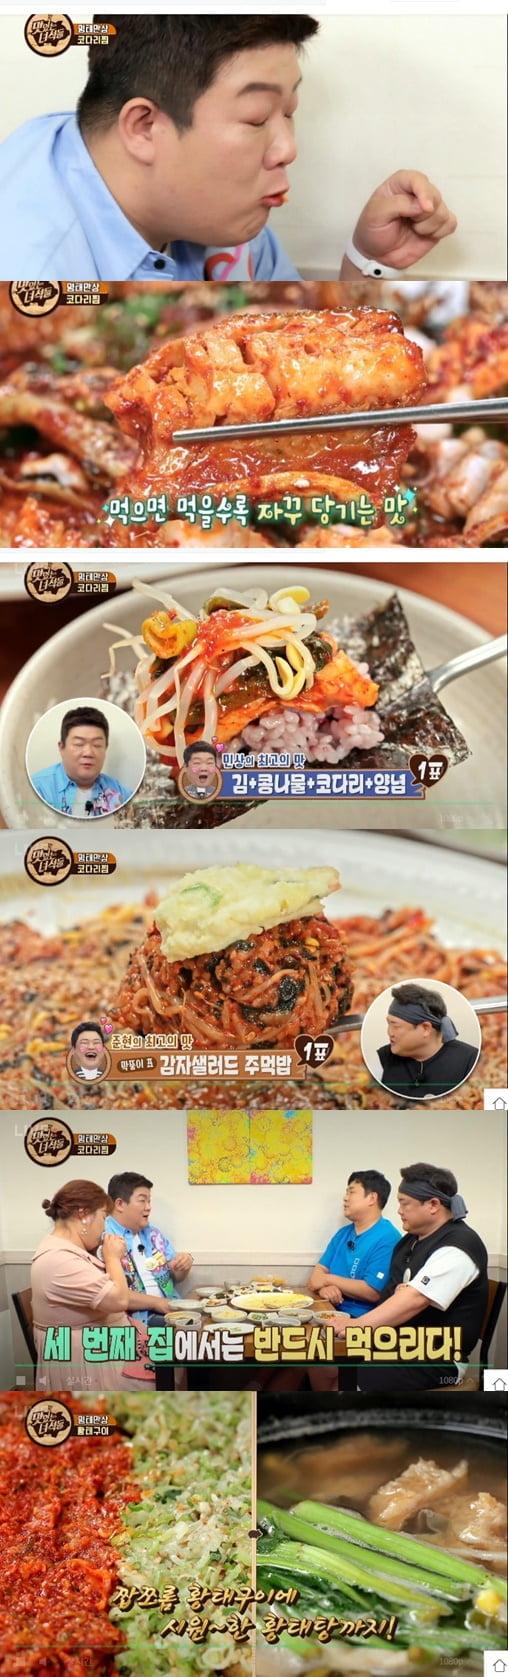 '맛있는 녀석들' 뚱4, 코다리찜 먹방... 문세윤 두번 연속 공복에 '퀭한 눈'